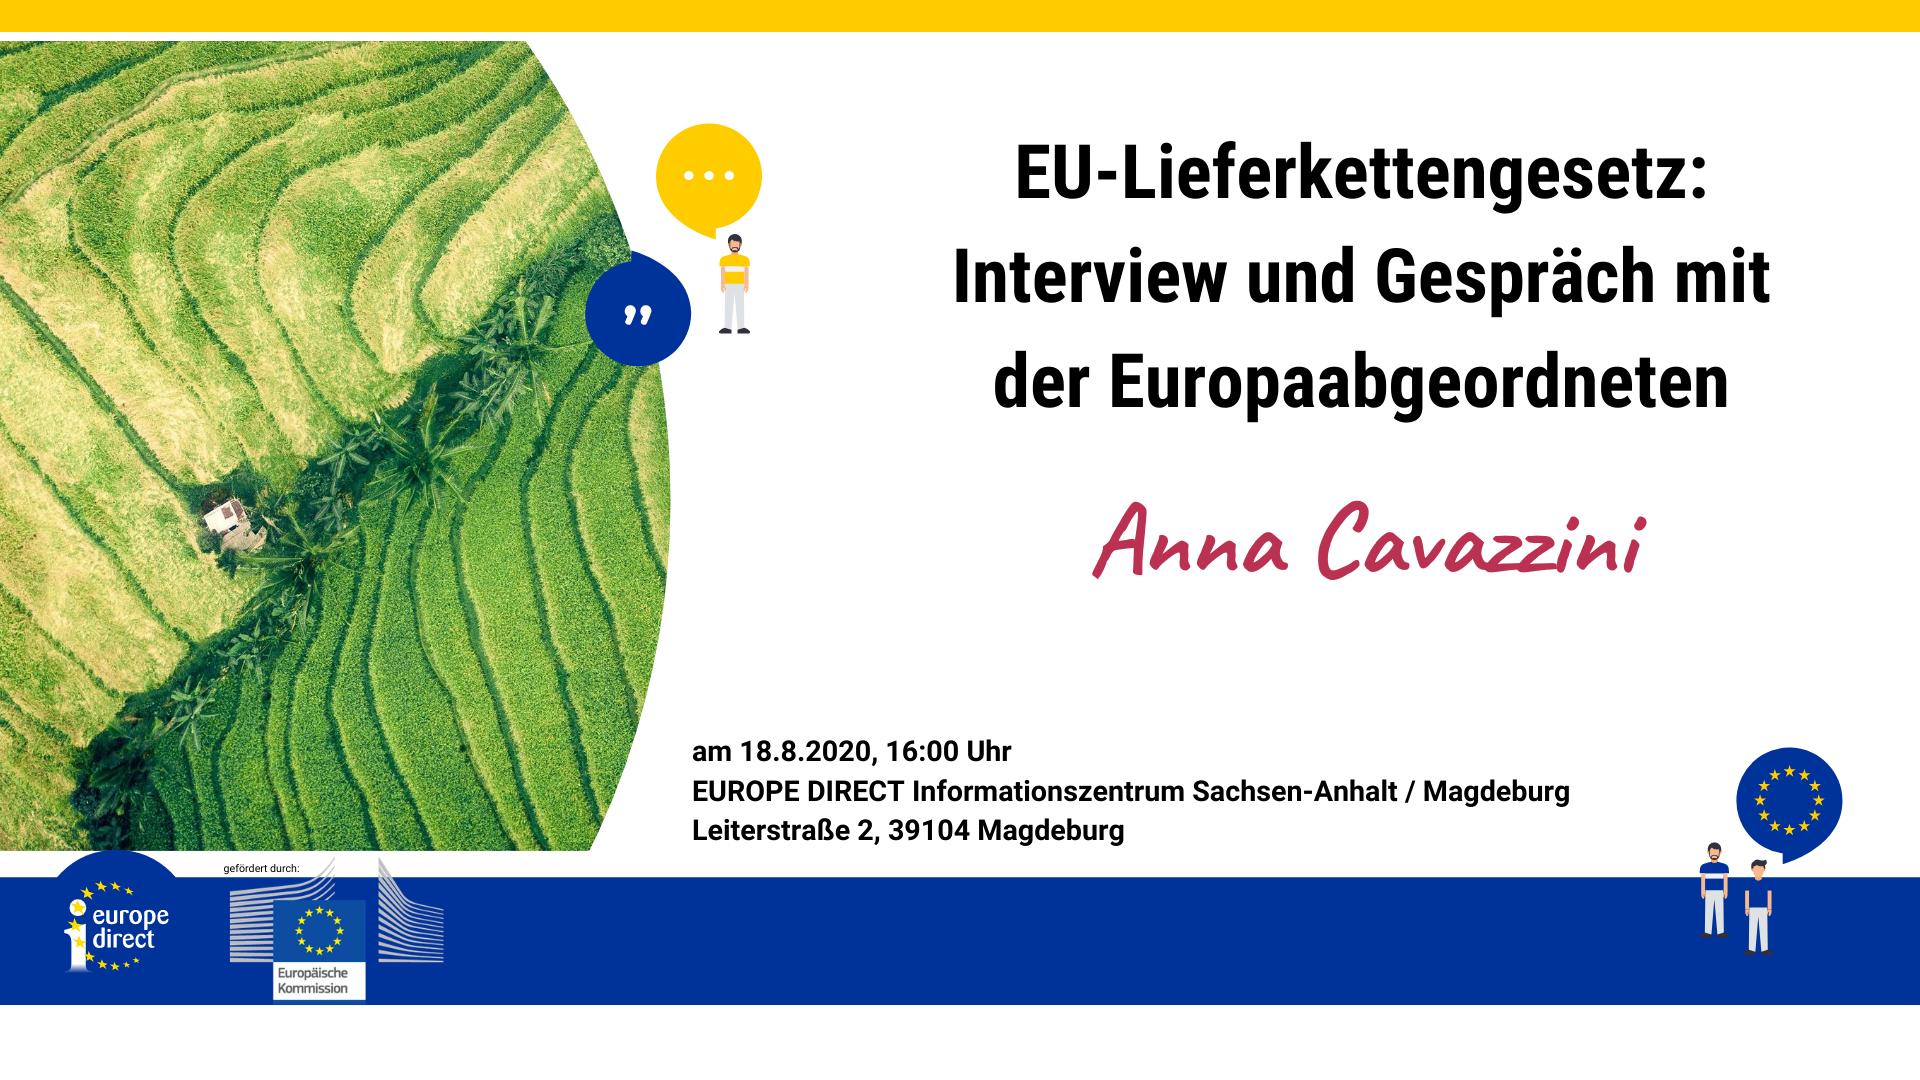 EU-Lieferkettengesetz: Interview und Gespräch mit Anna Cavazzini am 18.08., 16:00 Uhr